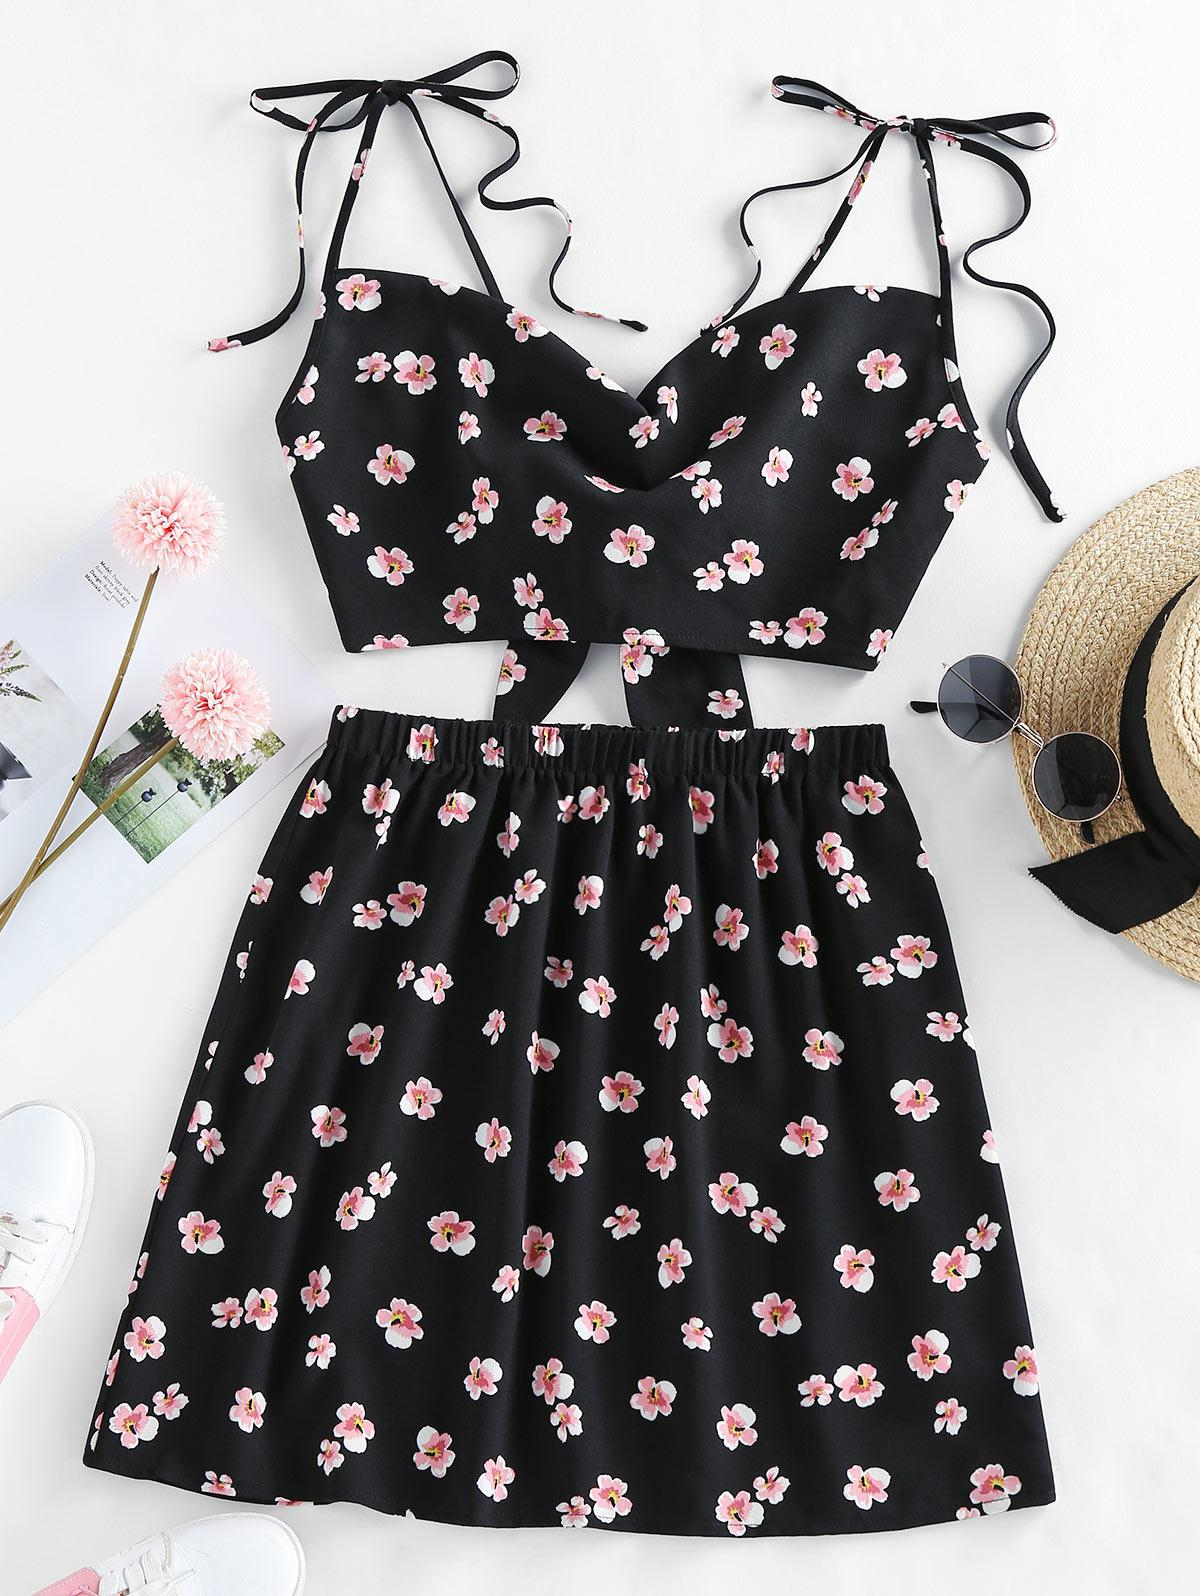 ZAFUL Floral Tie Shoulder Bowknot Back Mini Skirt Set